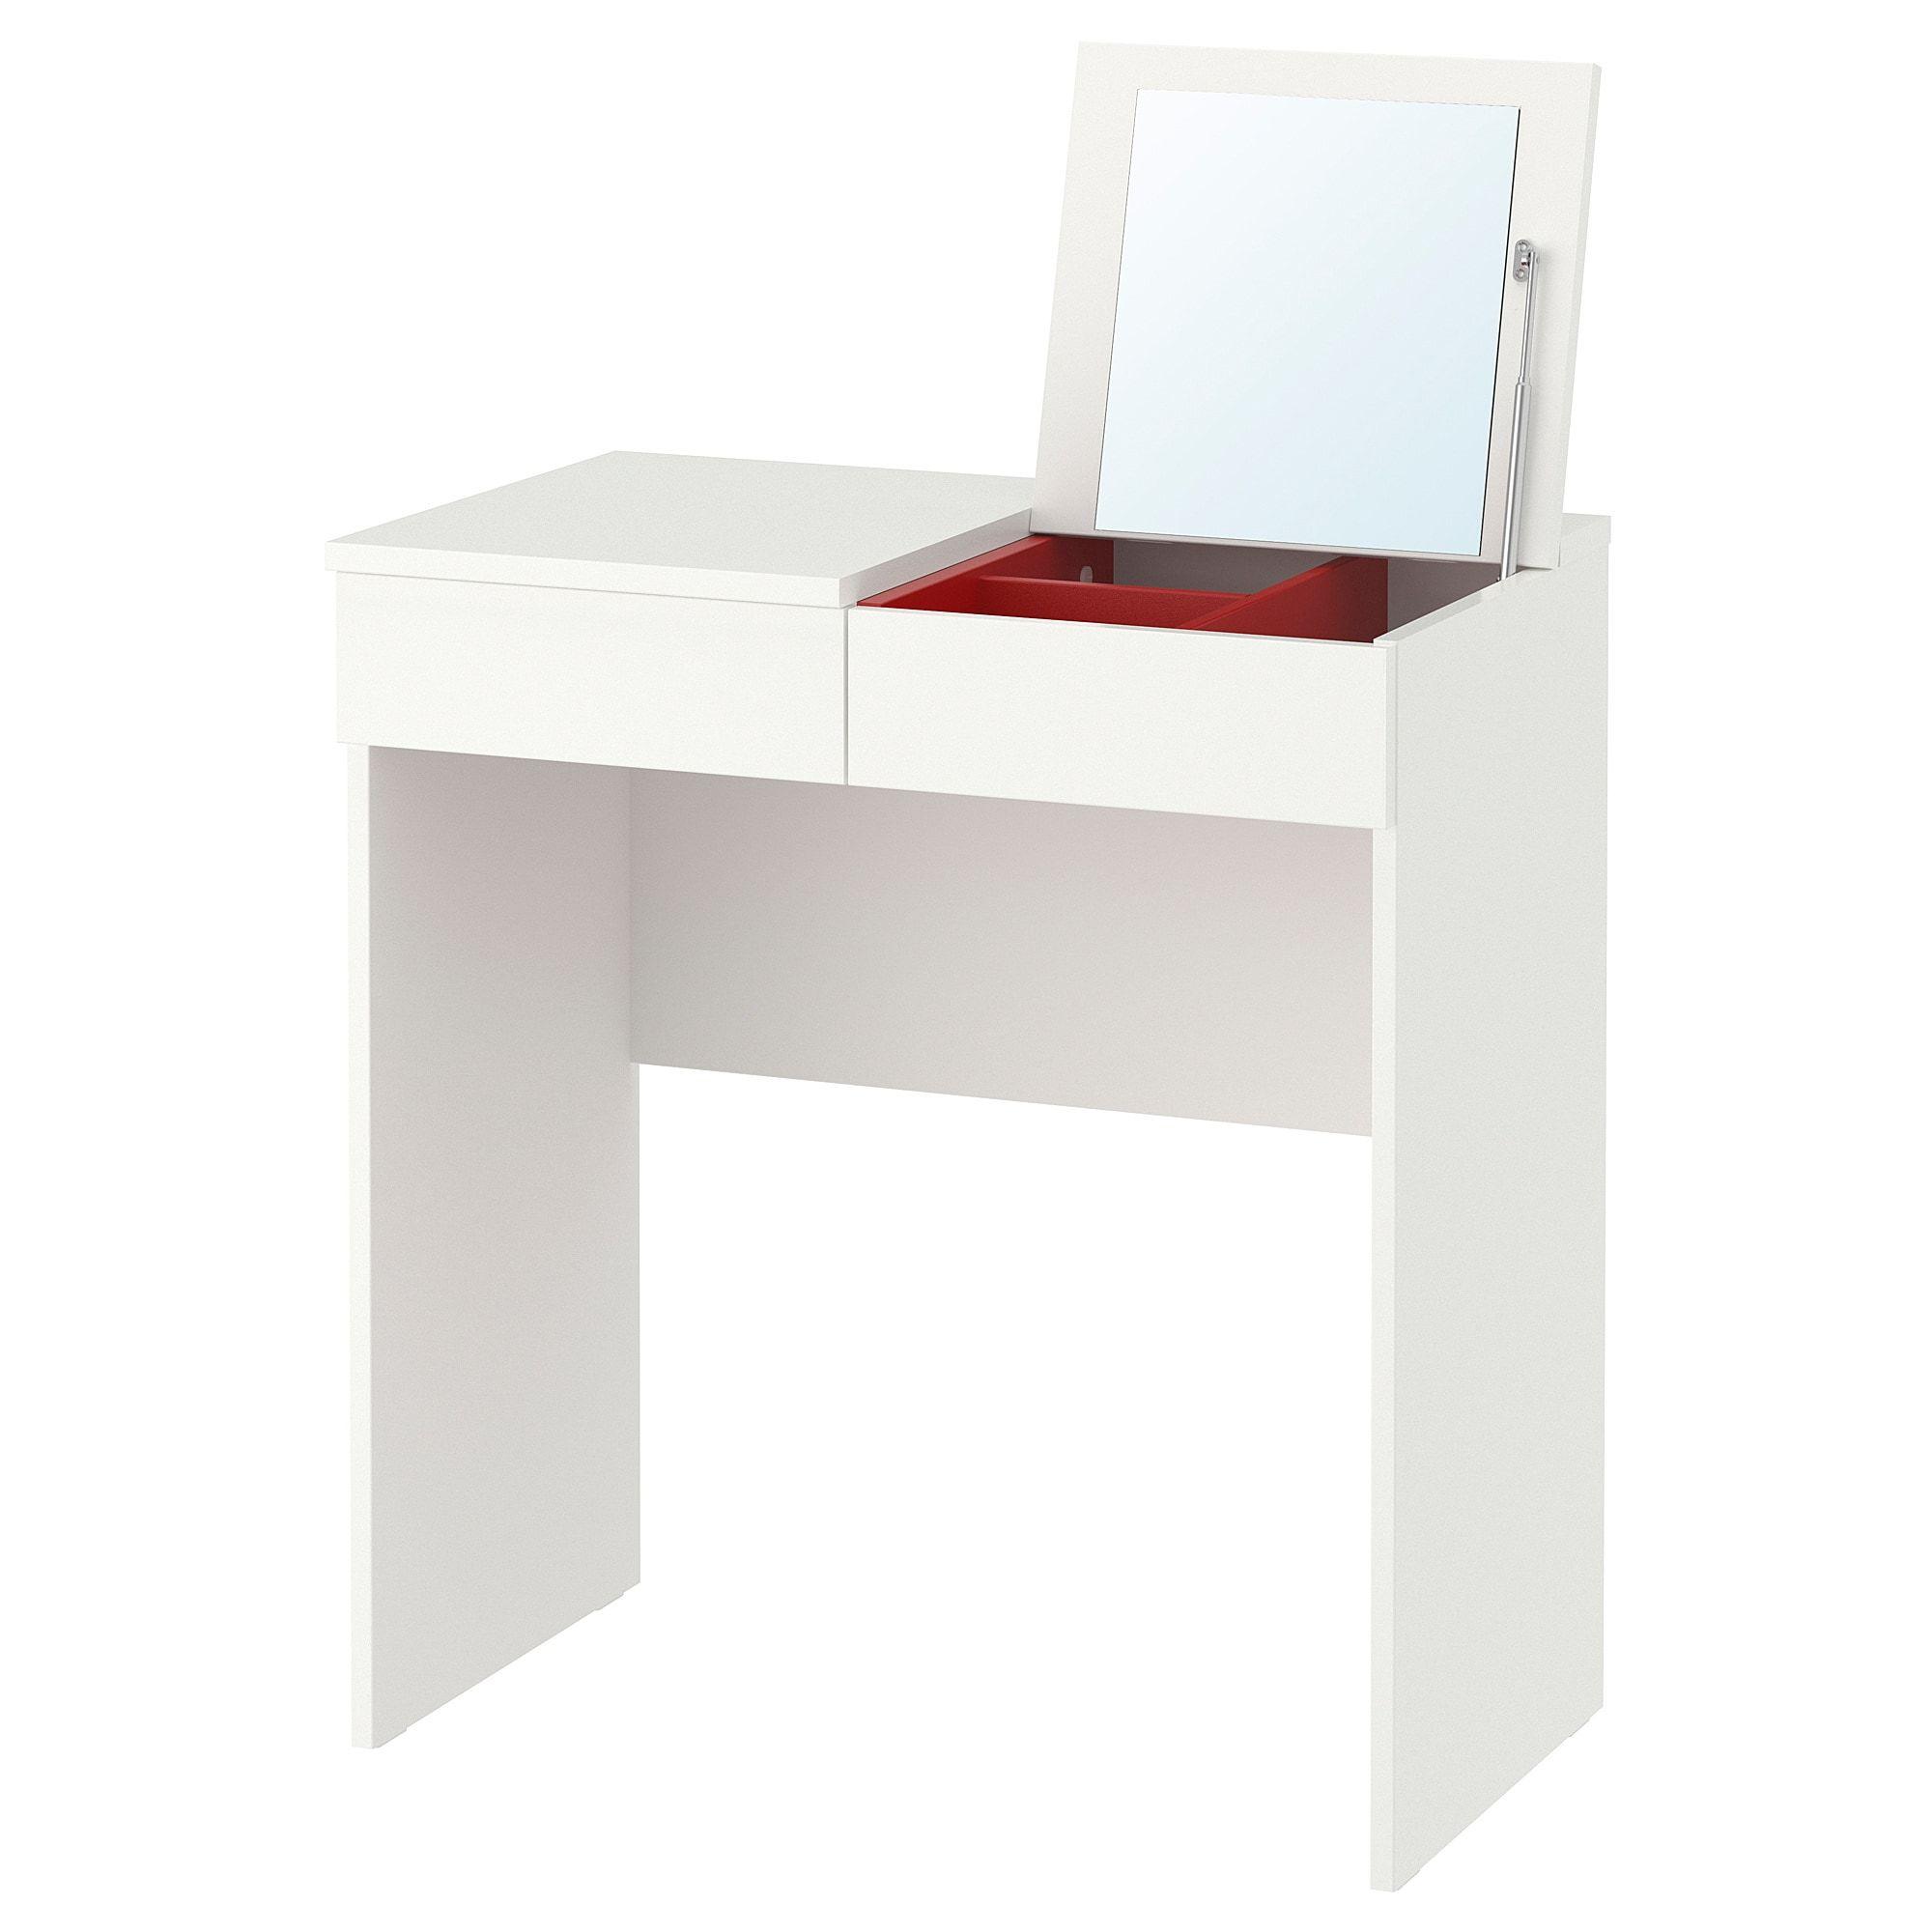 Brimnes Dressing Table White Ikea Brimnes Dressing Table Ikea Dressing Table Malm Dressing Table